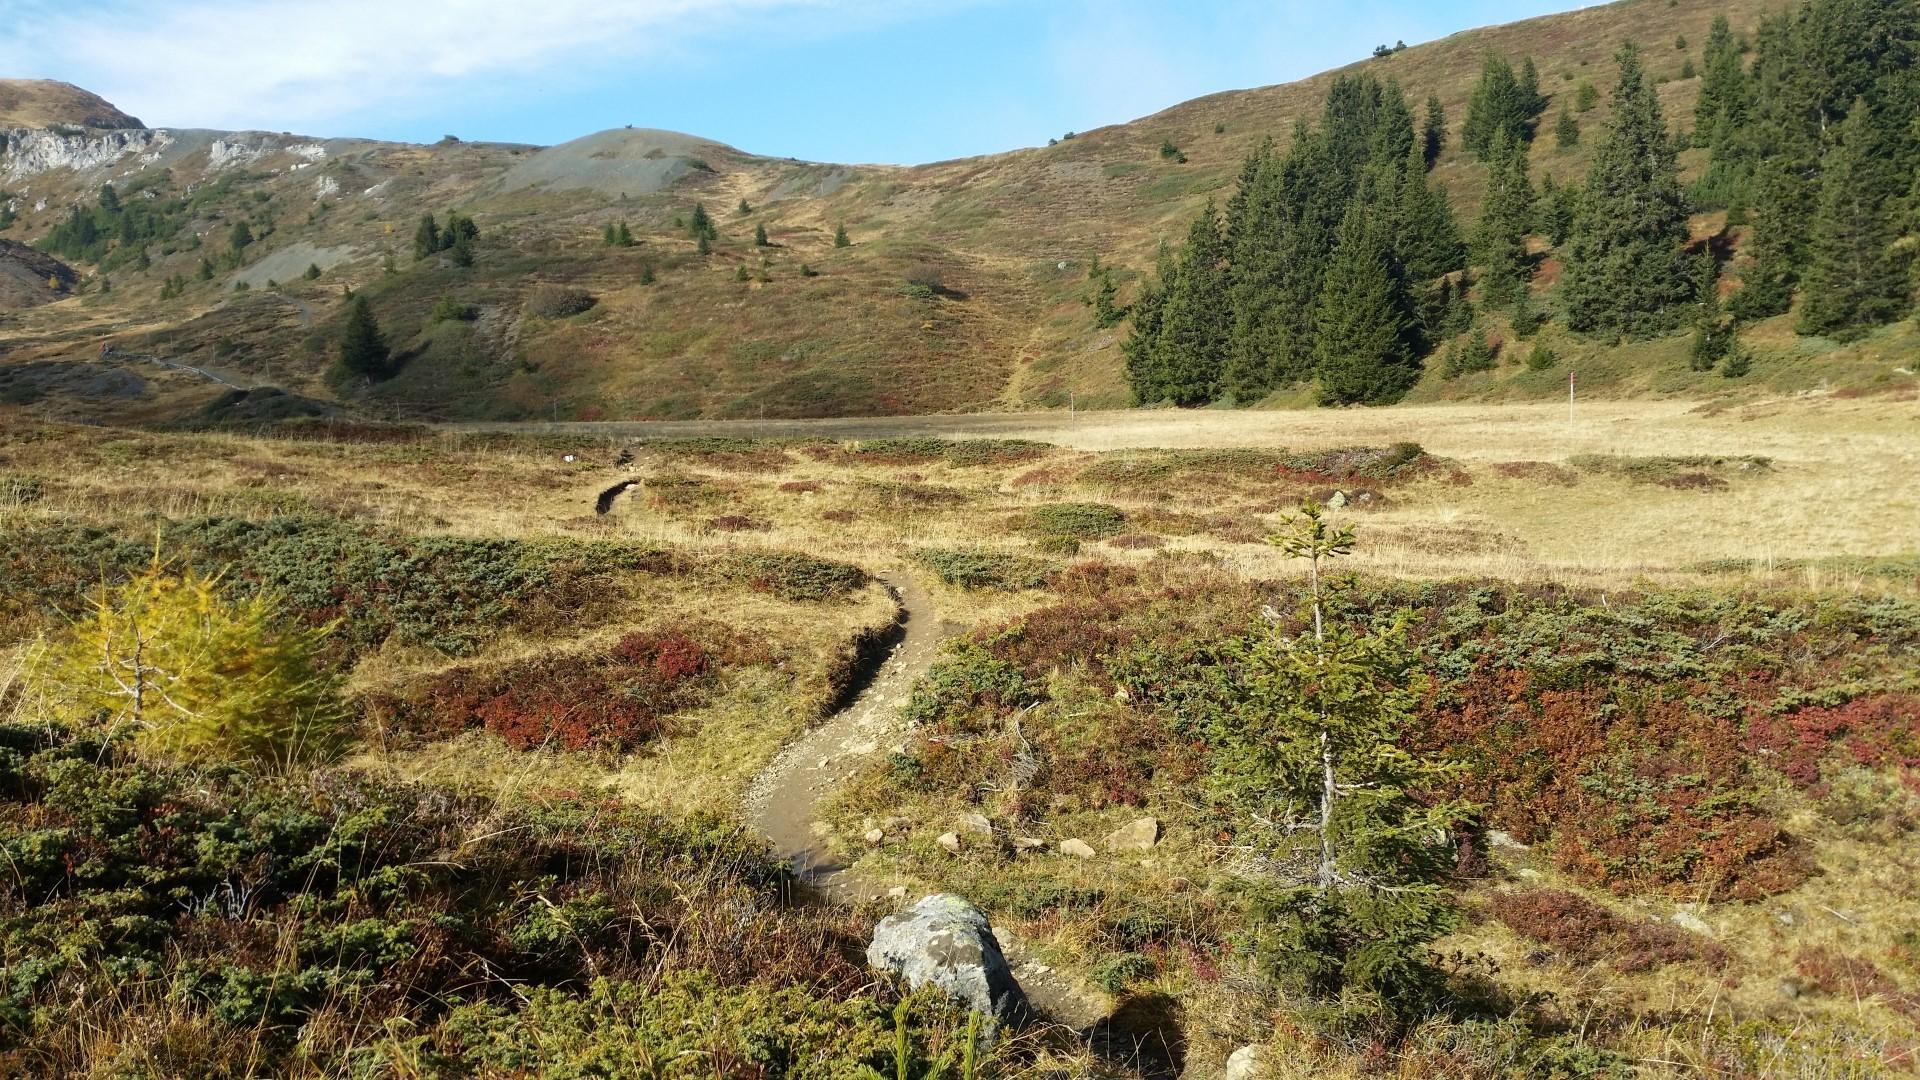 Arosa Weisshorn Gipfel – Eine wunderschöne Herbstwanderung